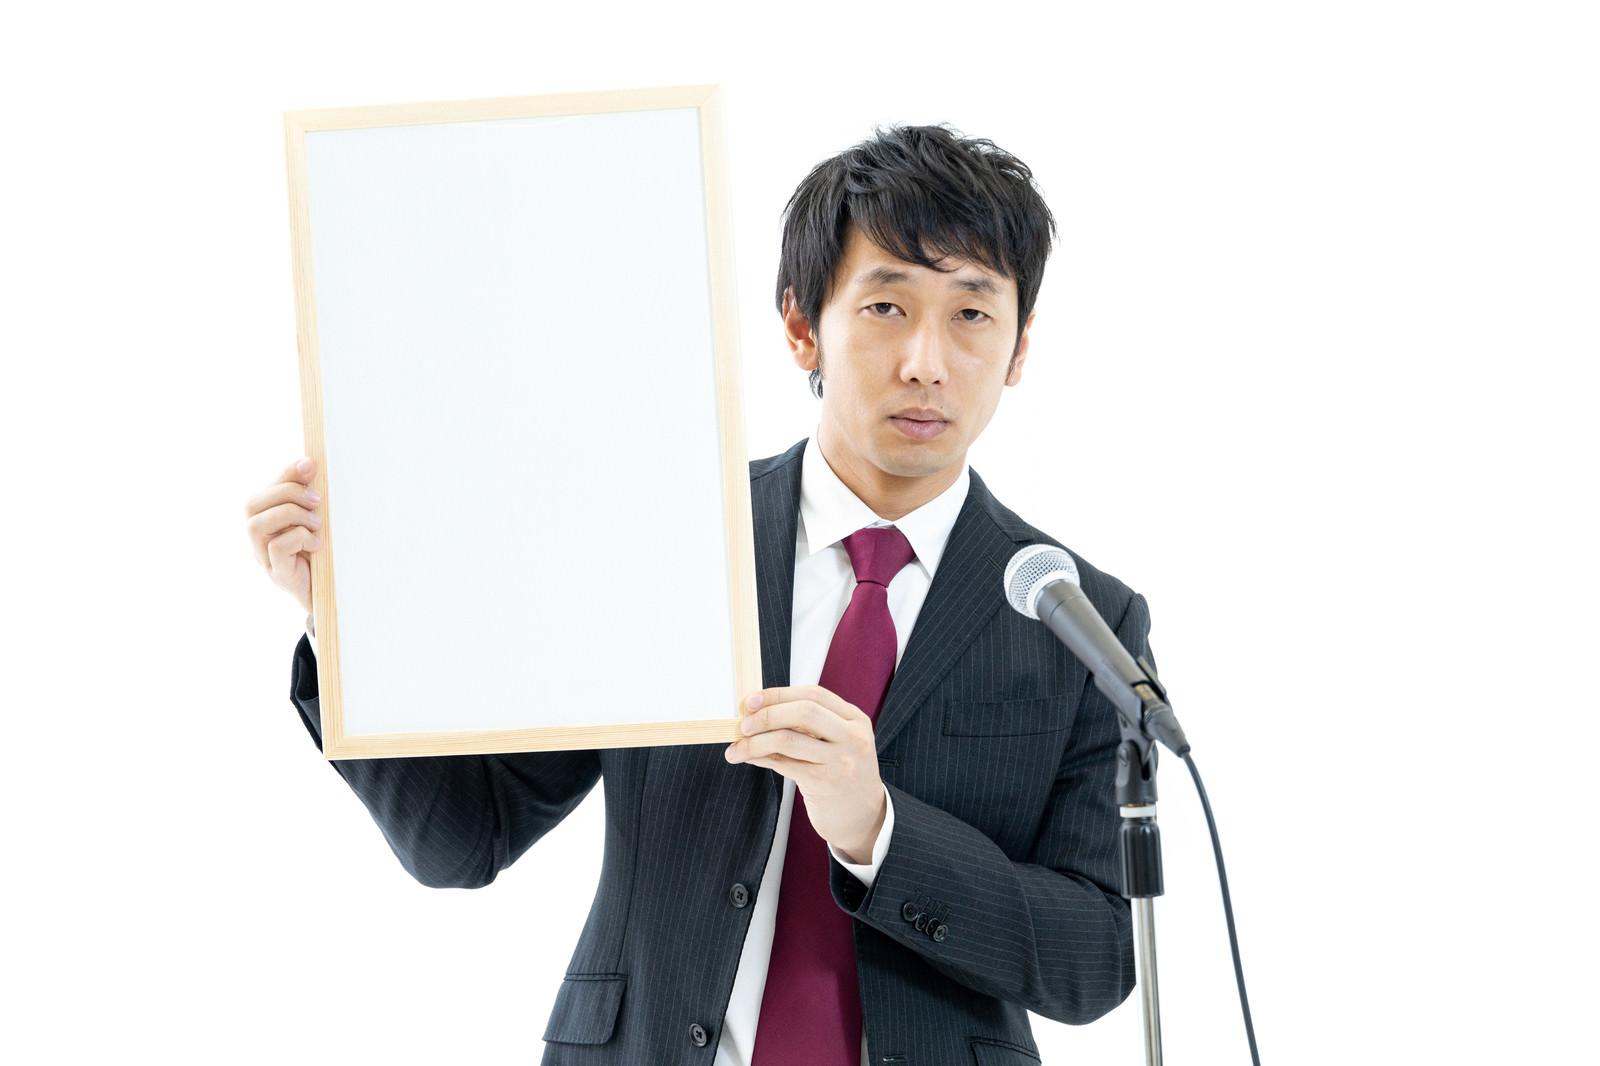 「新元号を公表する政治家」の写真[モデル:大川竜弥]